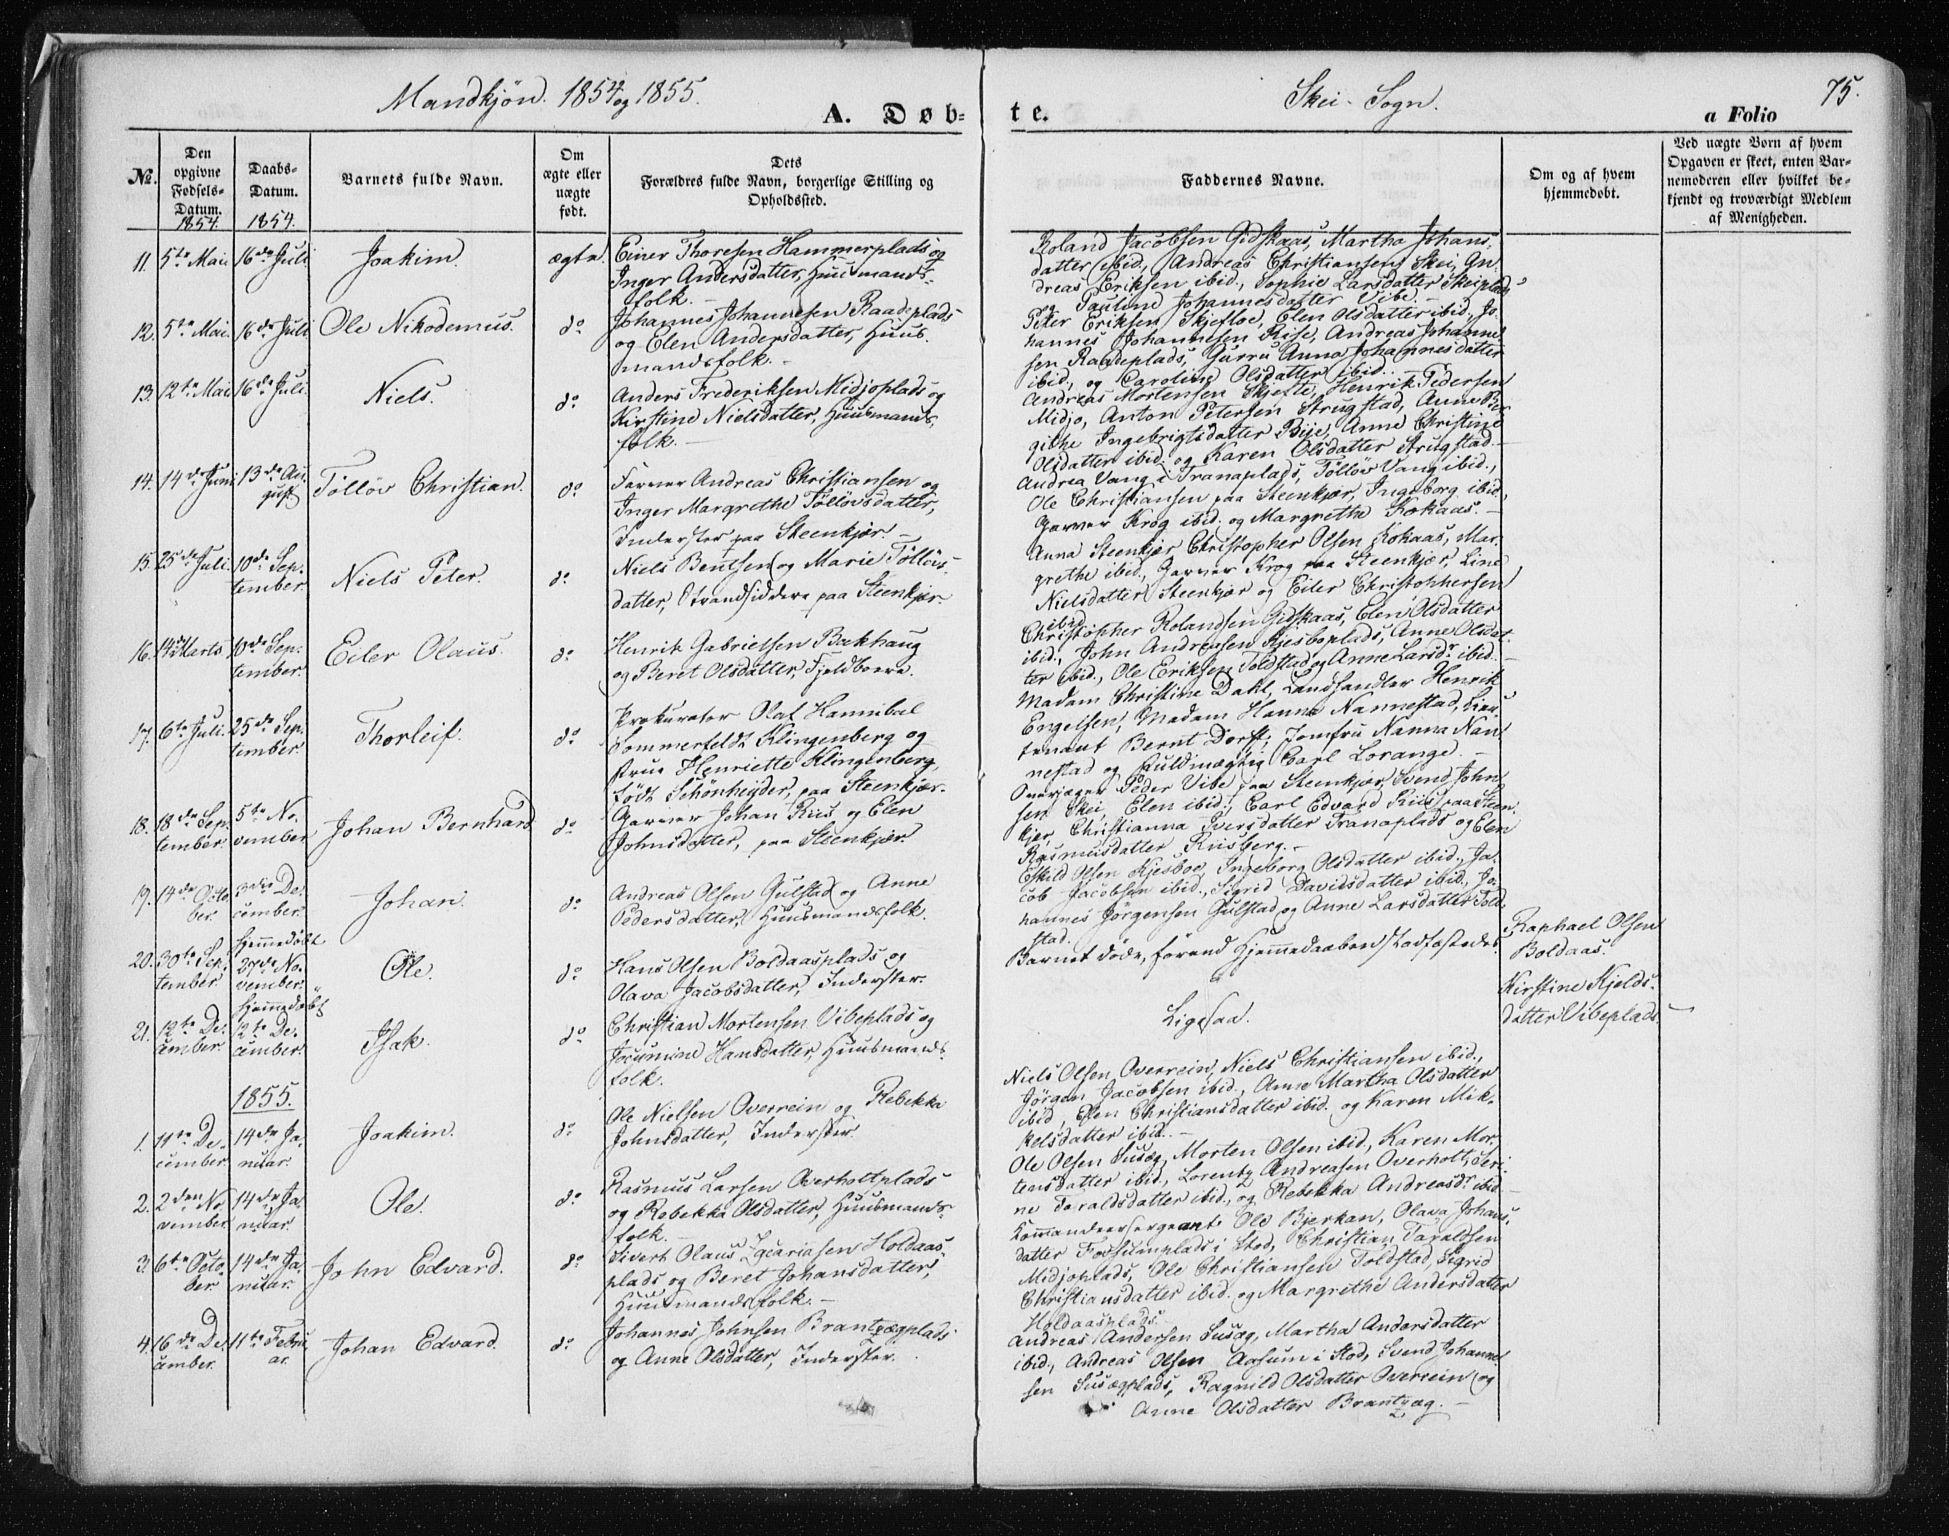 SAT, Ministerialprotokoller, klokkerbøker og fødselsregistre - Nord-Trøndelag, 735/L0342: Ministerialbok nr. 735A07 /2, 1849-1862, s. 75